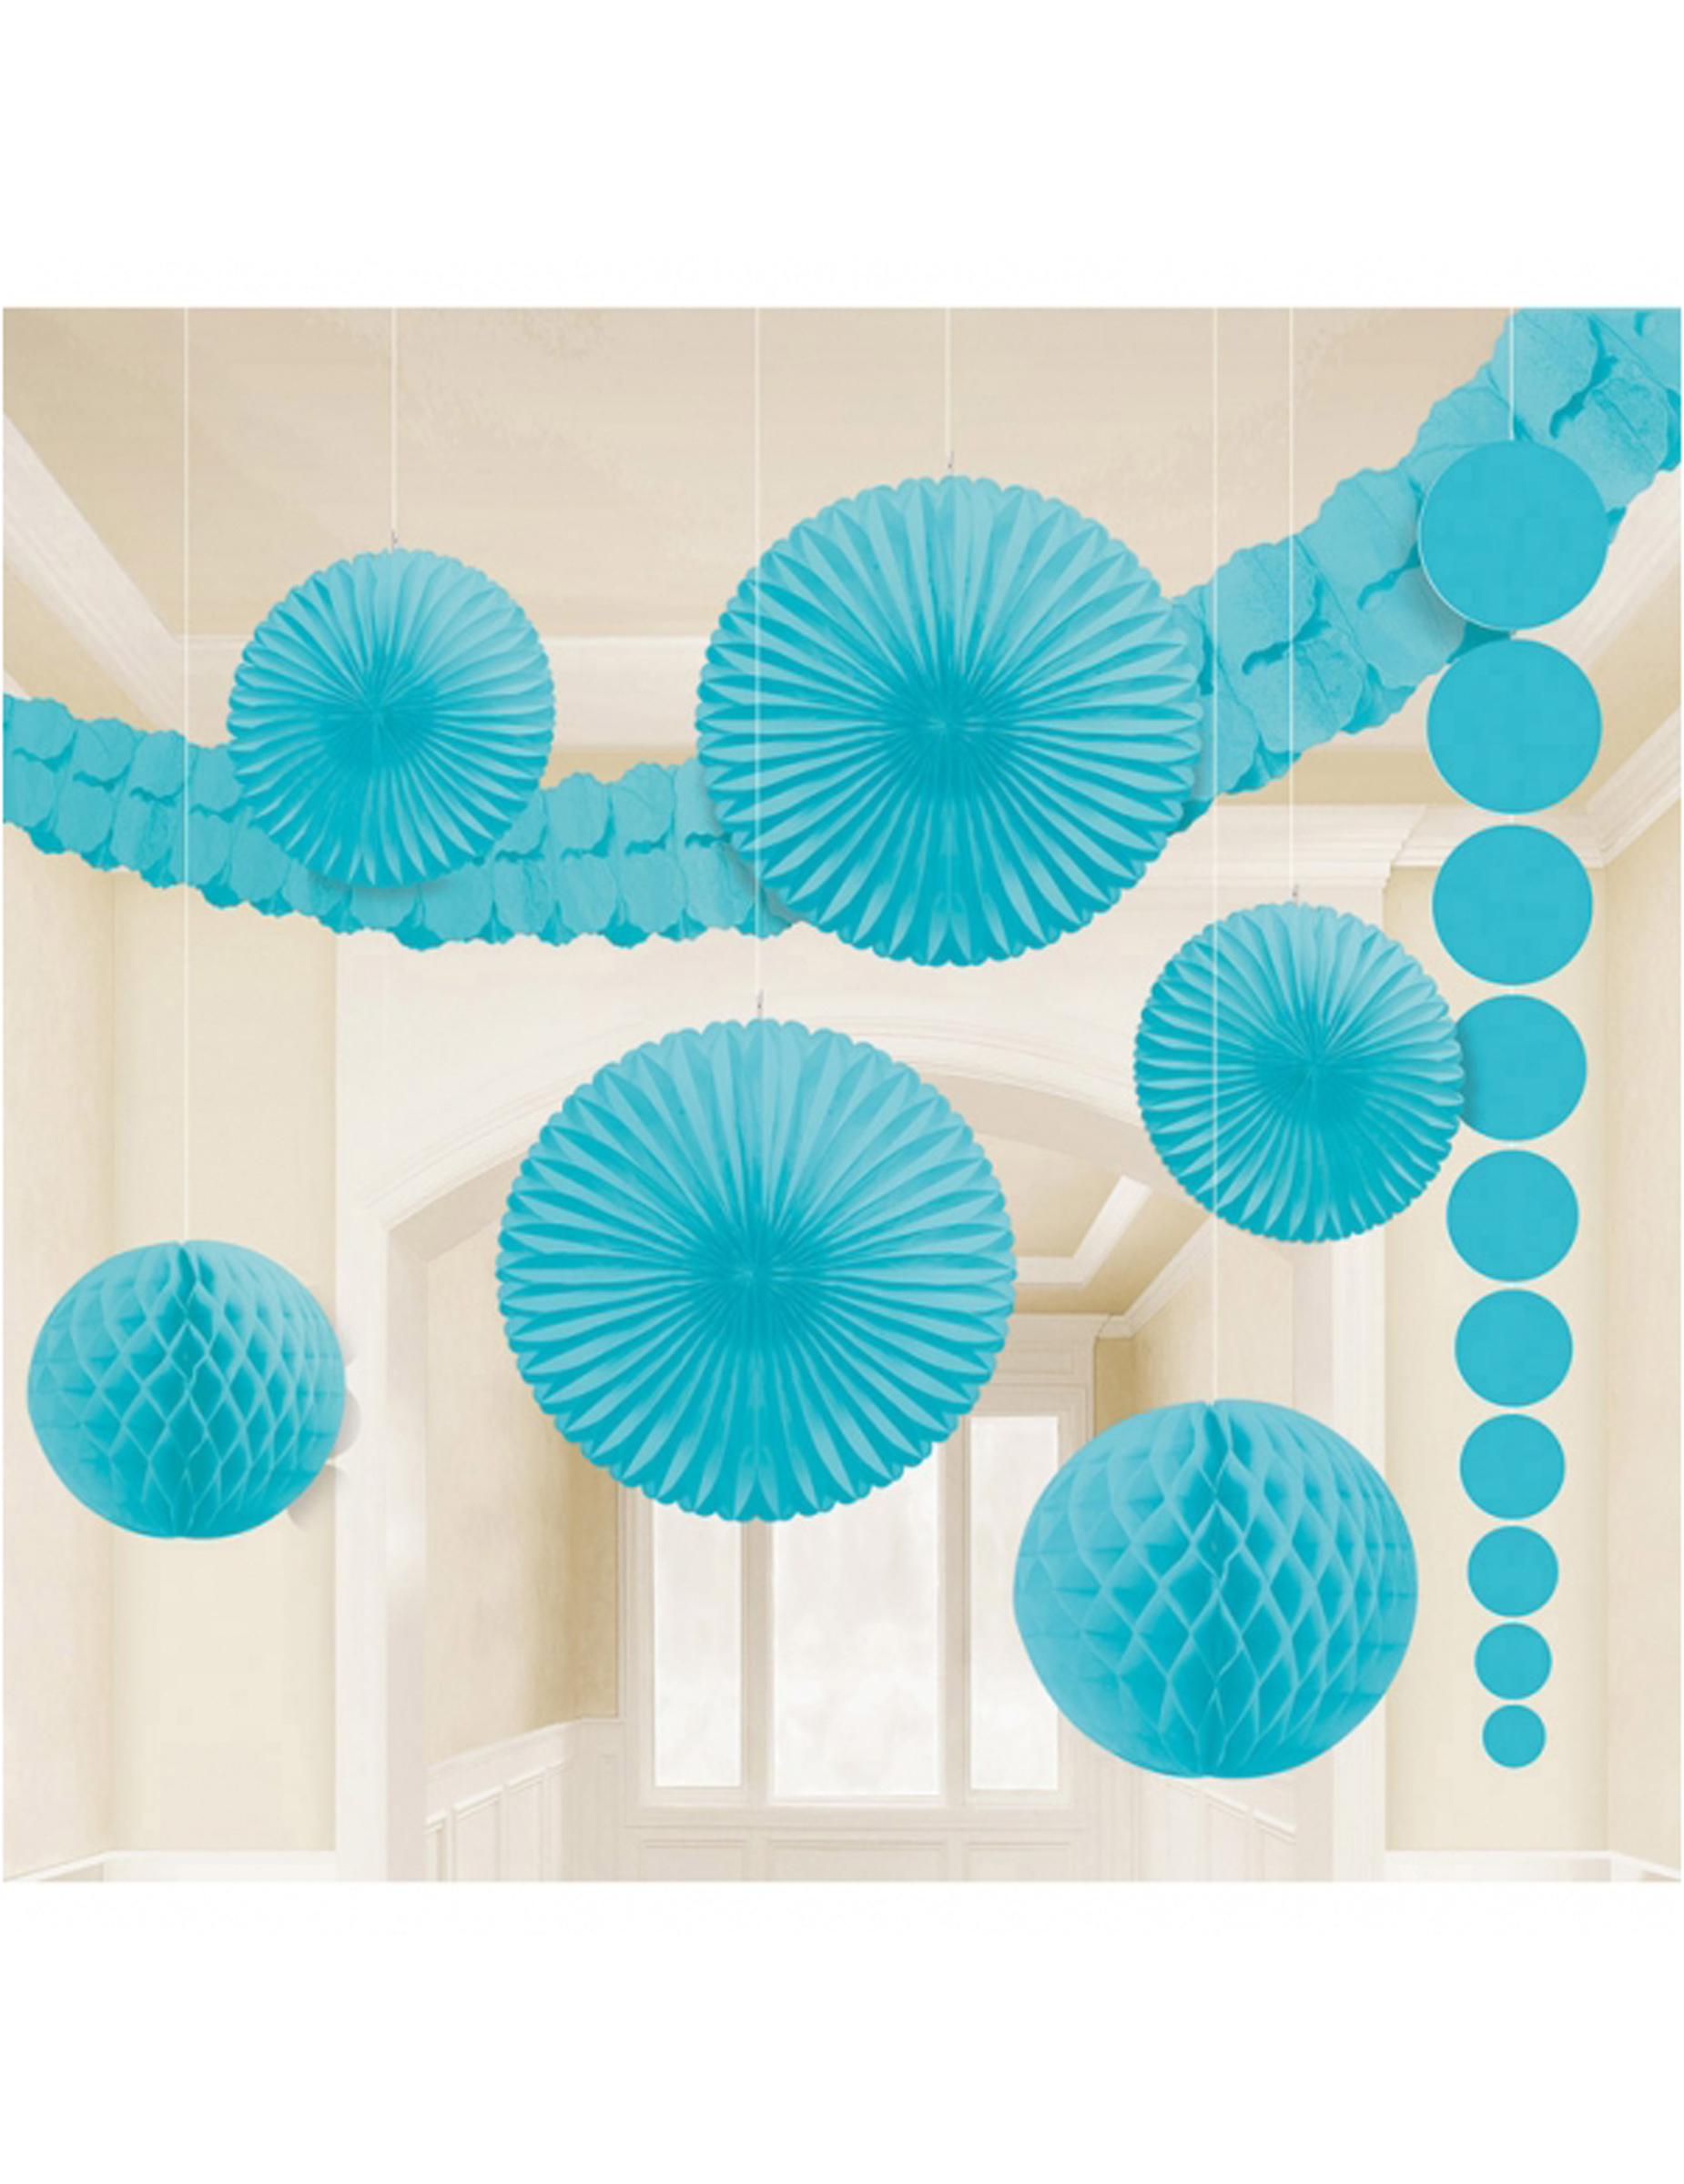 Kit de d corations bleu turquoise d coration anniversaire for Decoration bleu turquoise